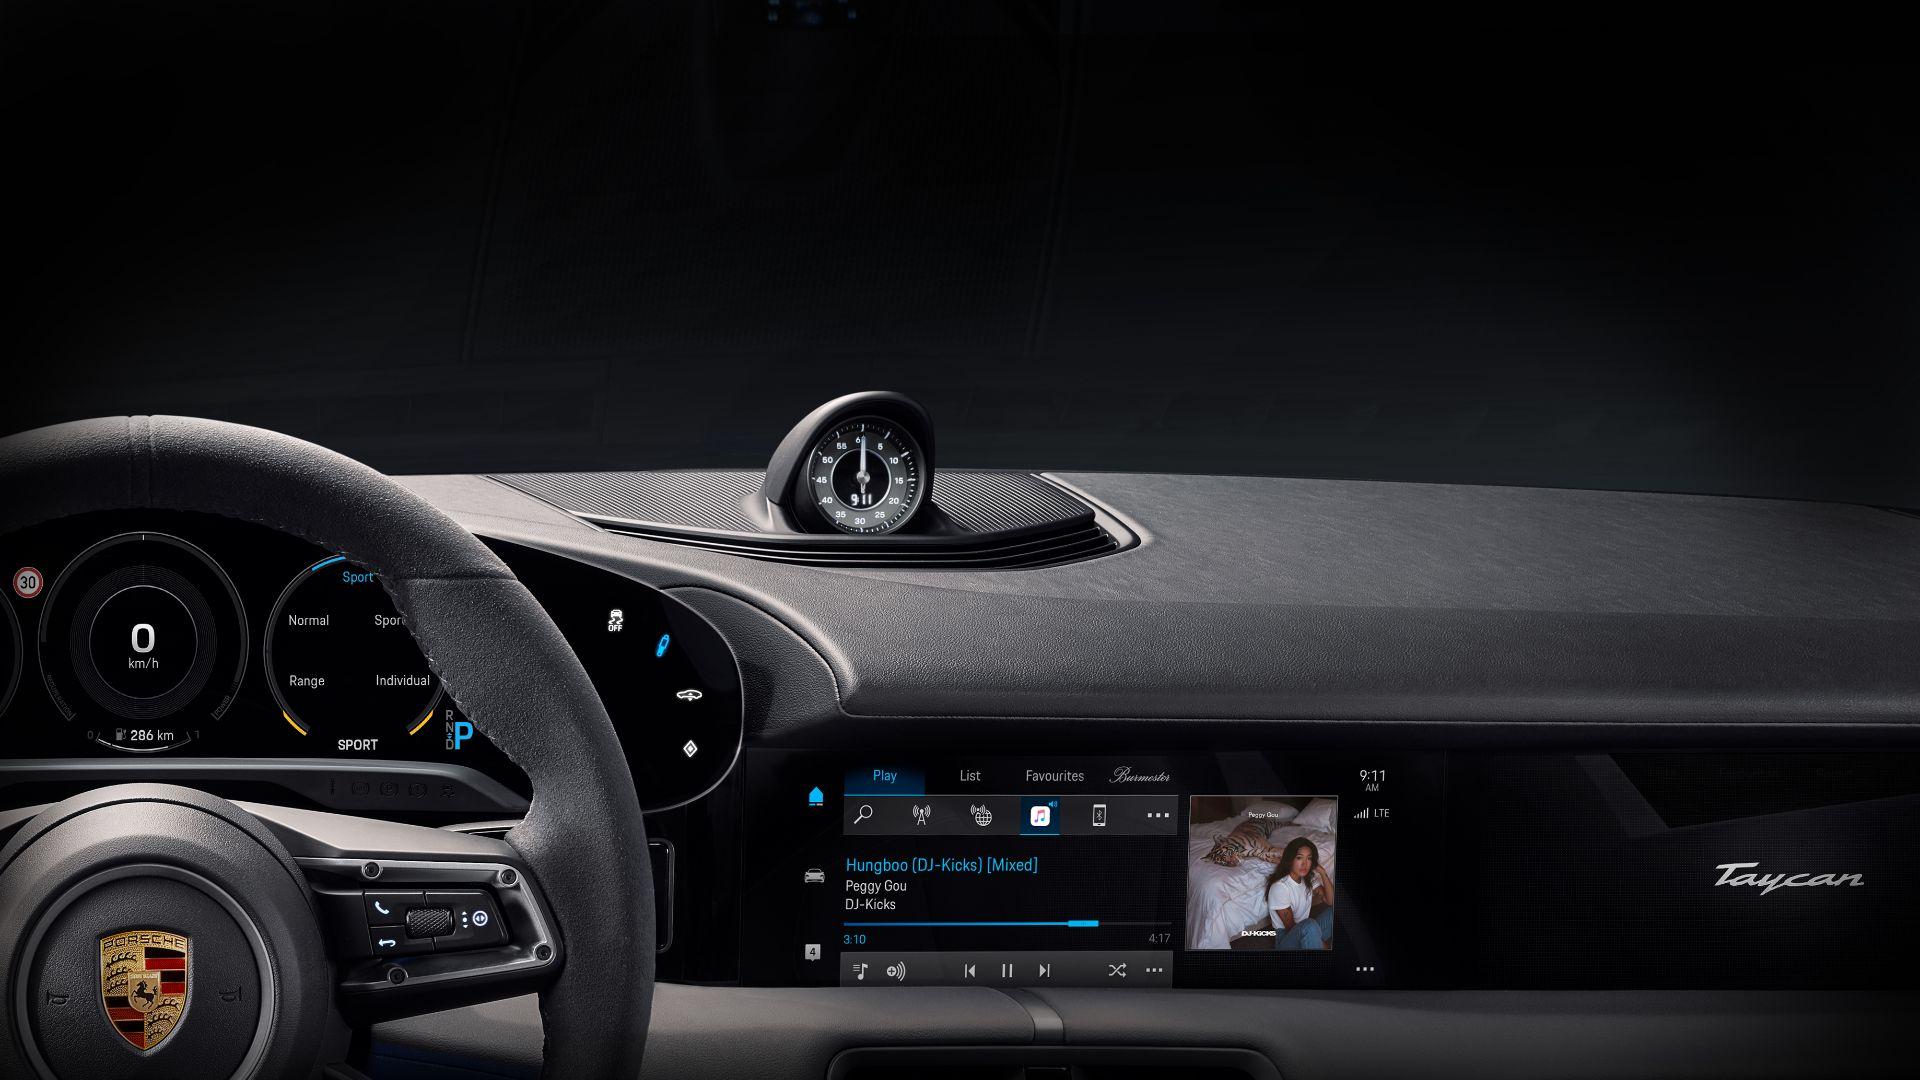 Porsche Taycan gets build-in Apple Music